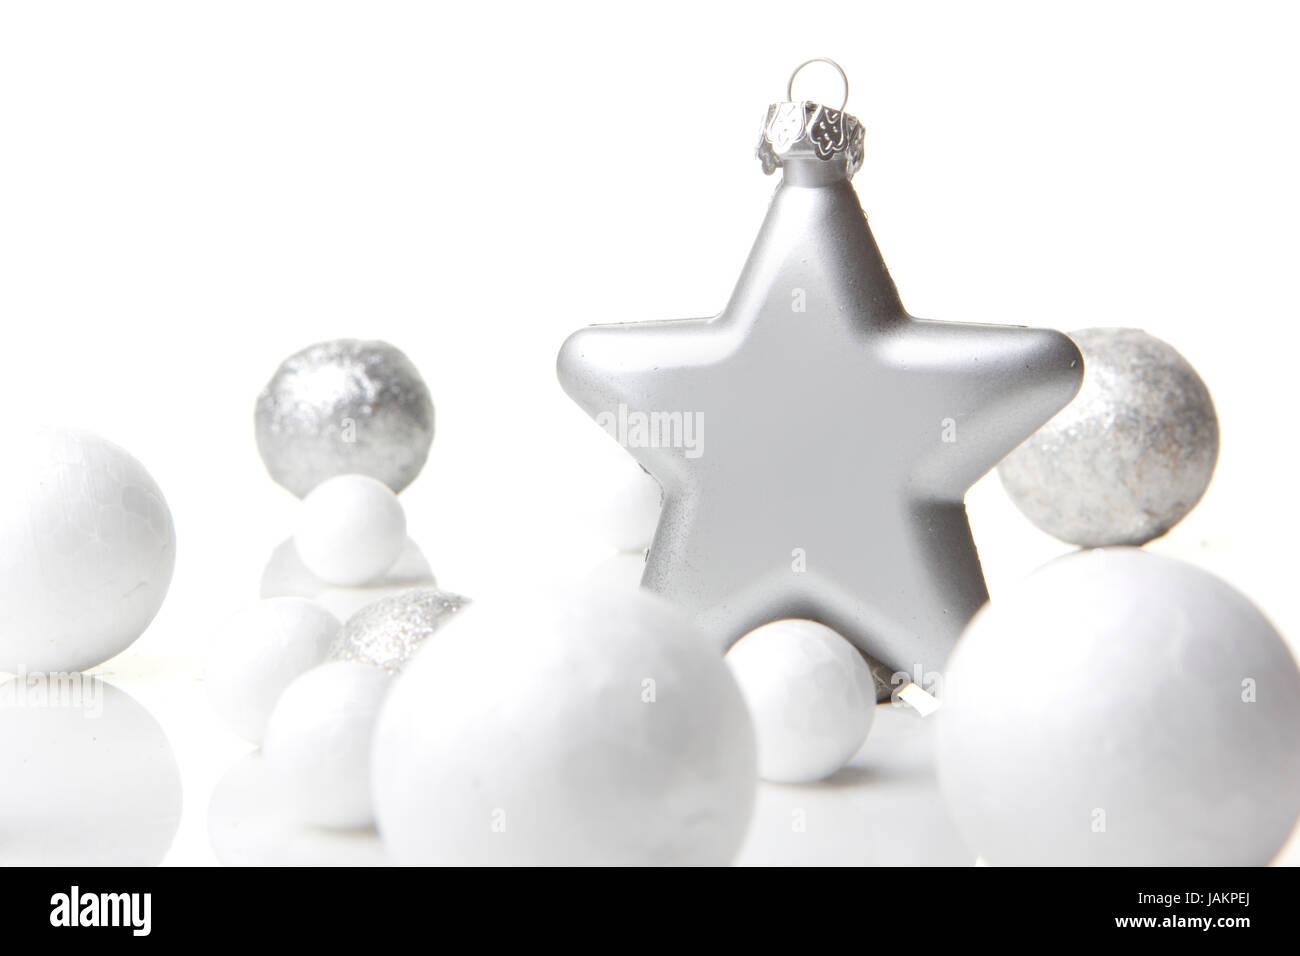 Weihnachten, Dekoration Weihnachtskugel silber und weiß mit Stern ...